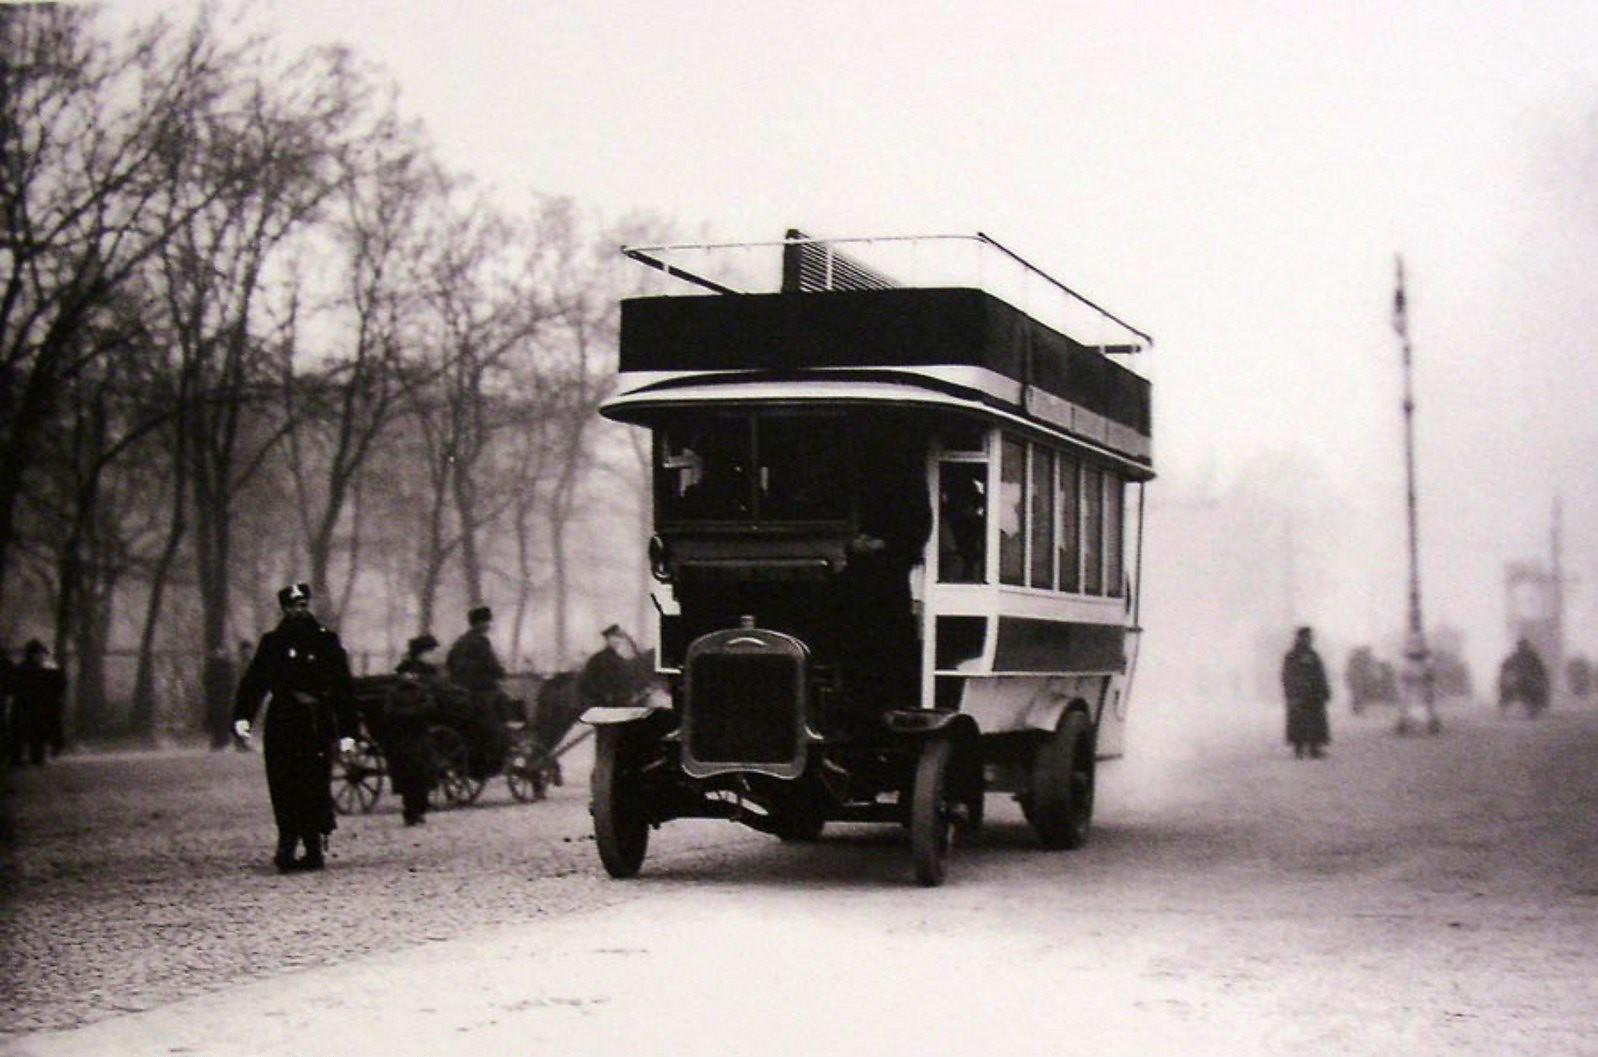 1907. Открытие омнибусного (автобусного) сообщения «Александровский сад - Балтийский вокзал», ноябрь